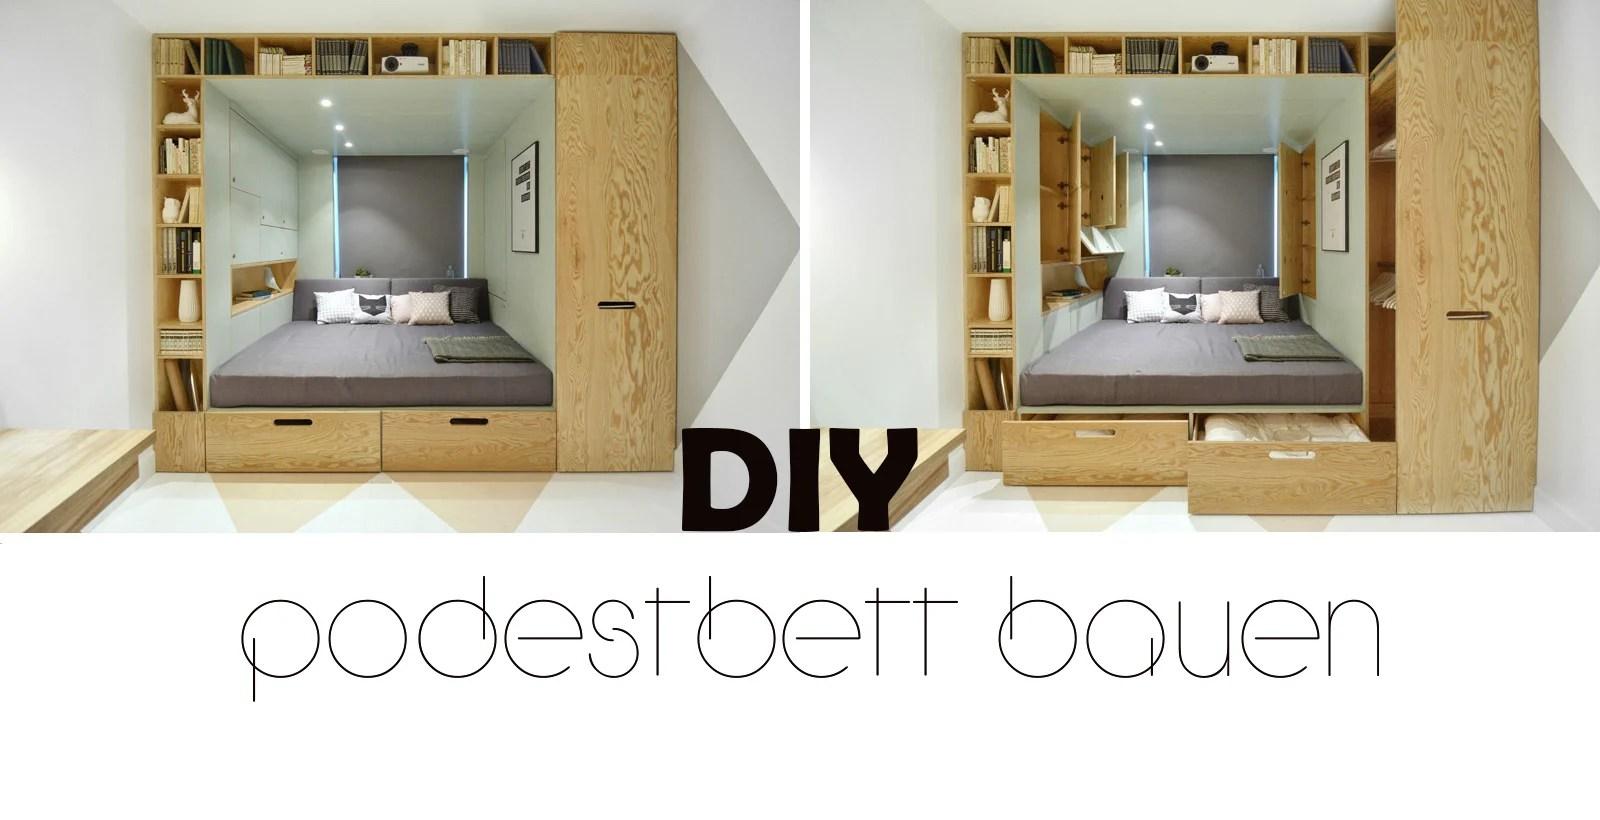 Podest Bett Podestbett Stauraum Bett Selber Bauen Best Bett Selber